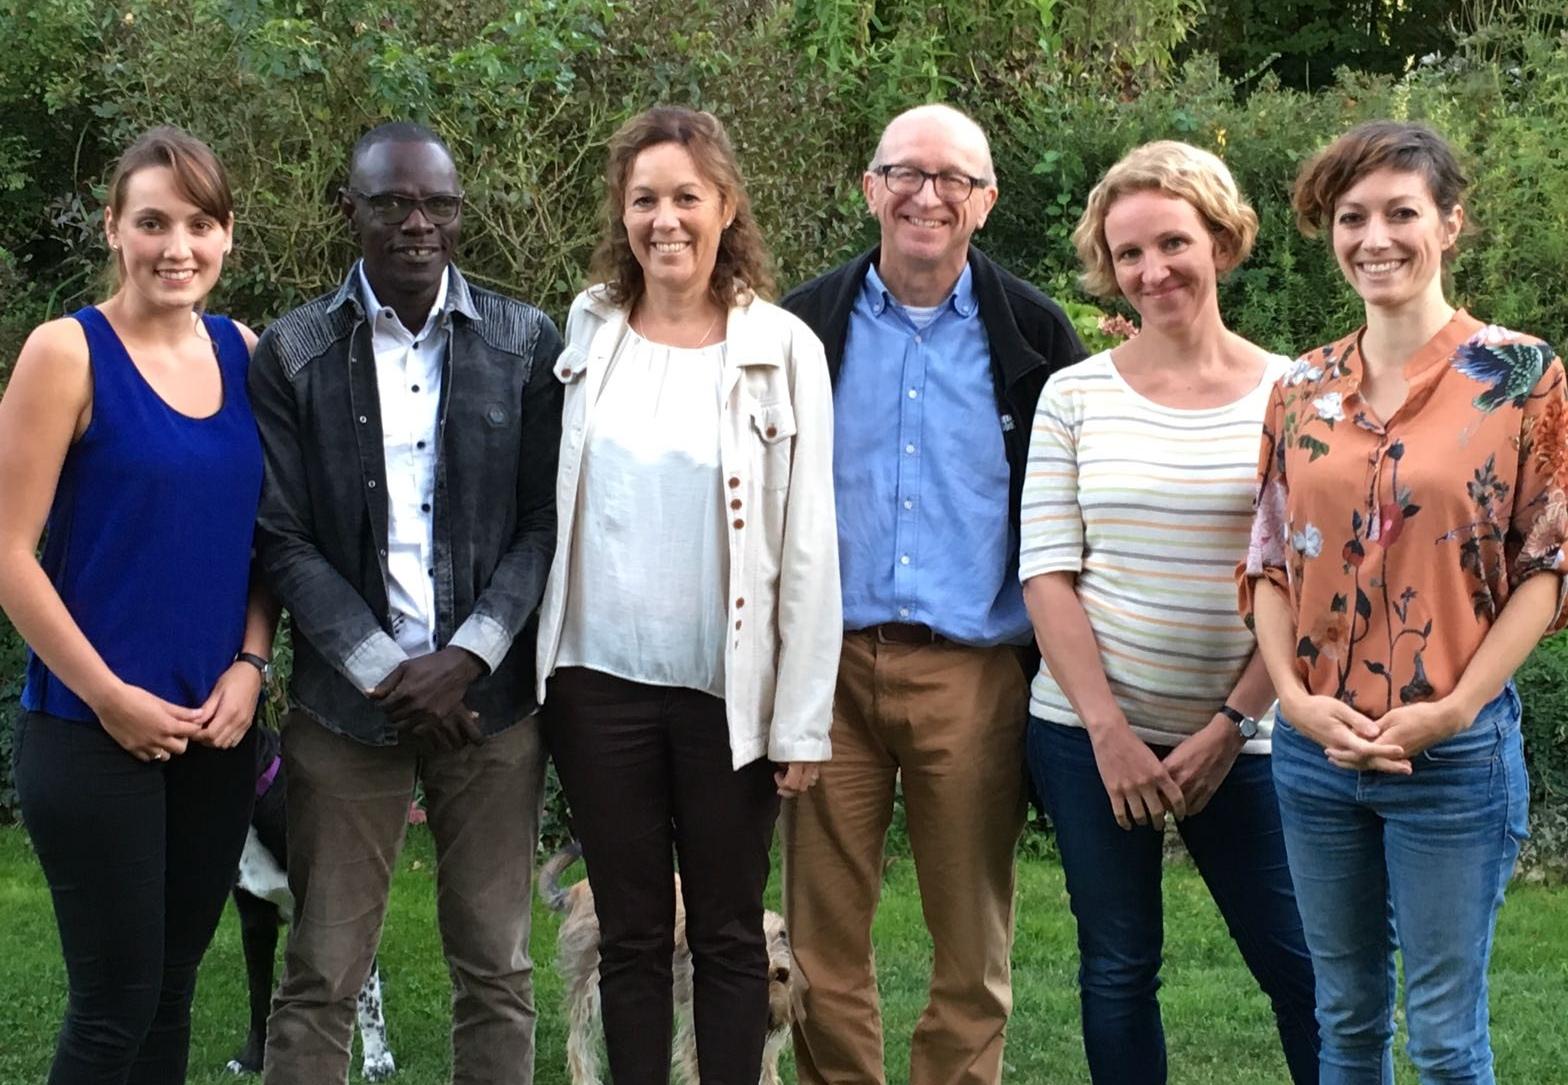 v.l.n.r.: Anja Rudin, Mbaye Sène, Rosita Rudin, Dieter Winistoerfer, Maria Vogel, Alina Spörri. Bild: Rosita Rudin